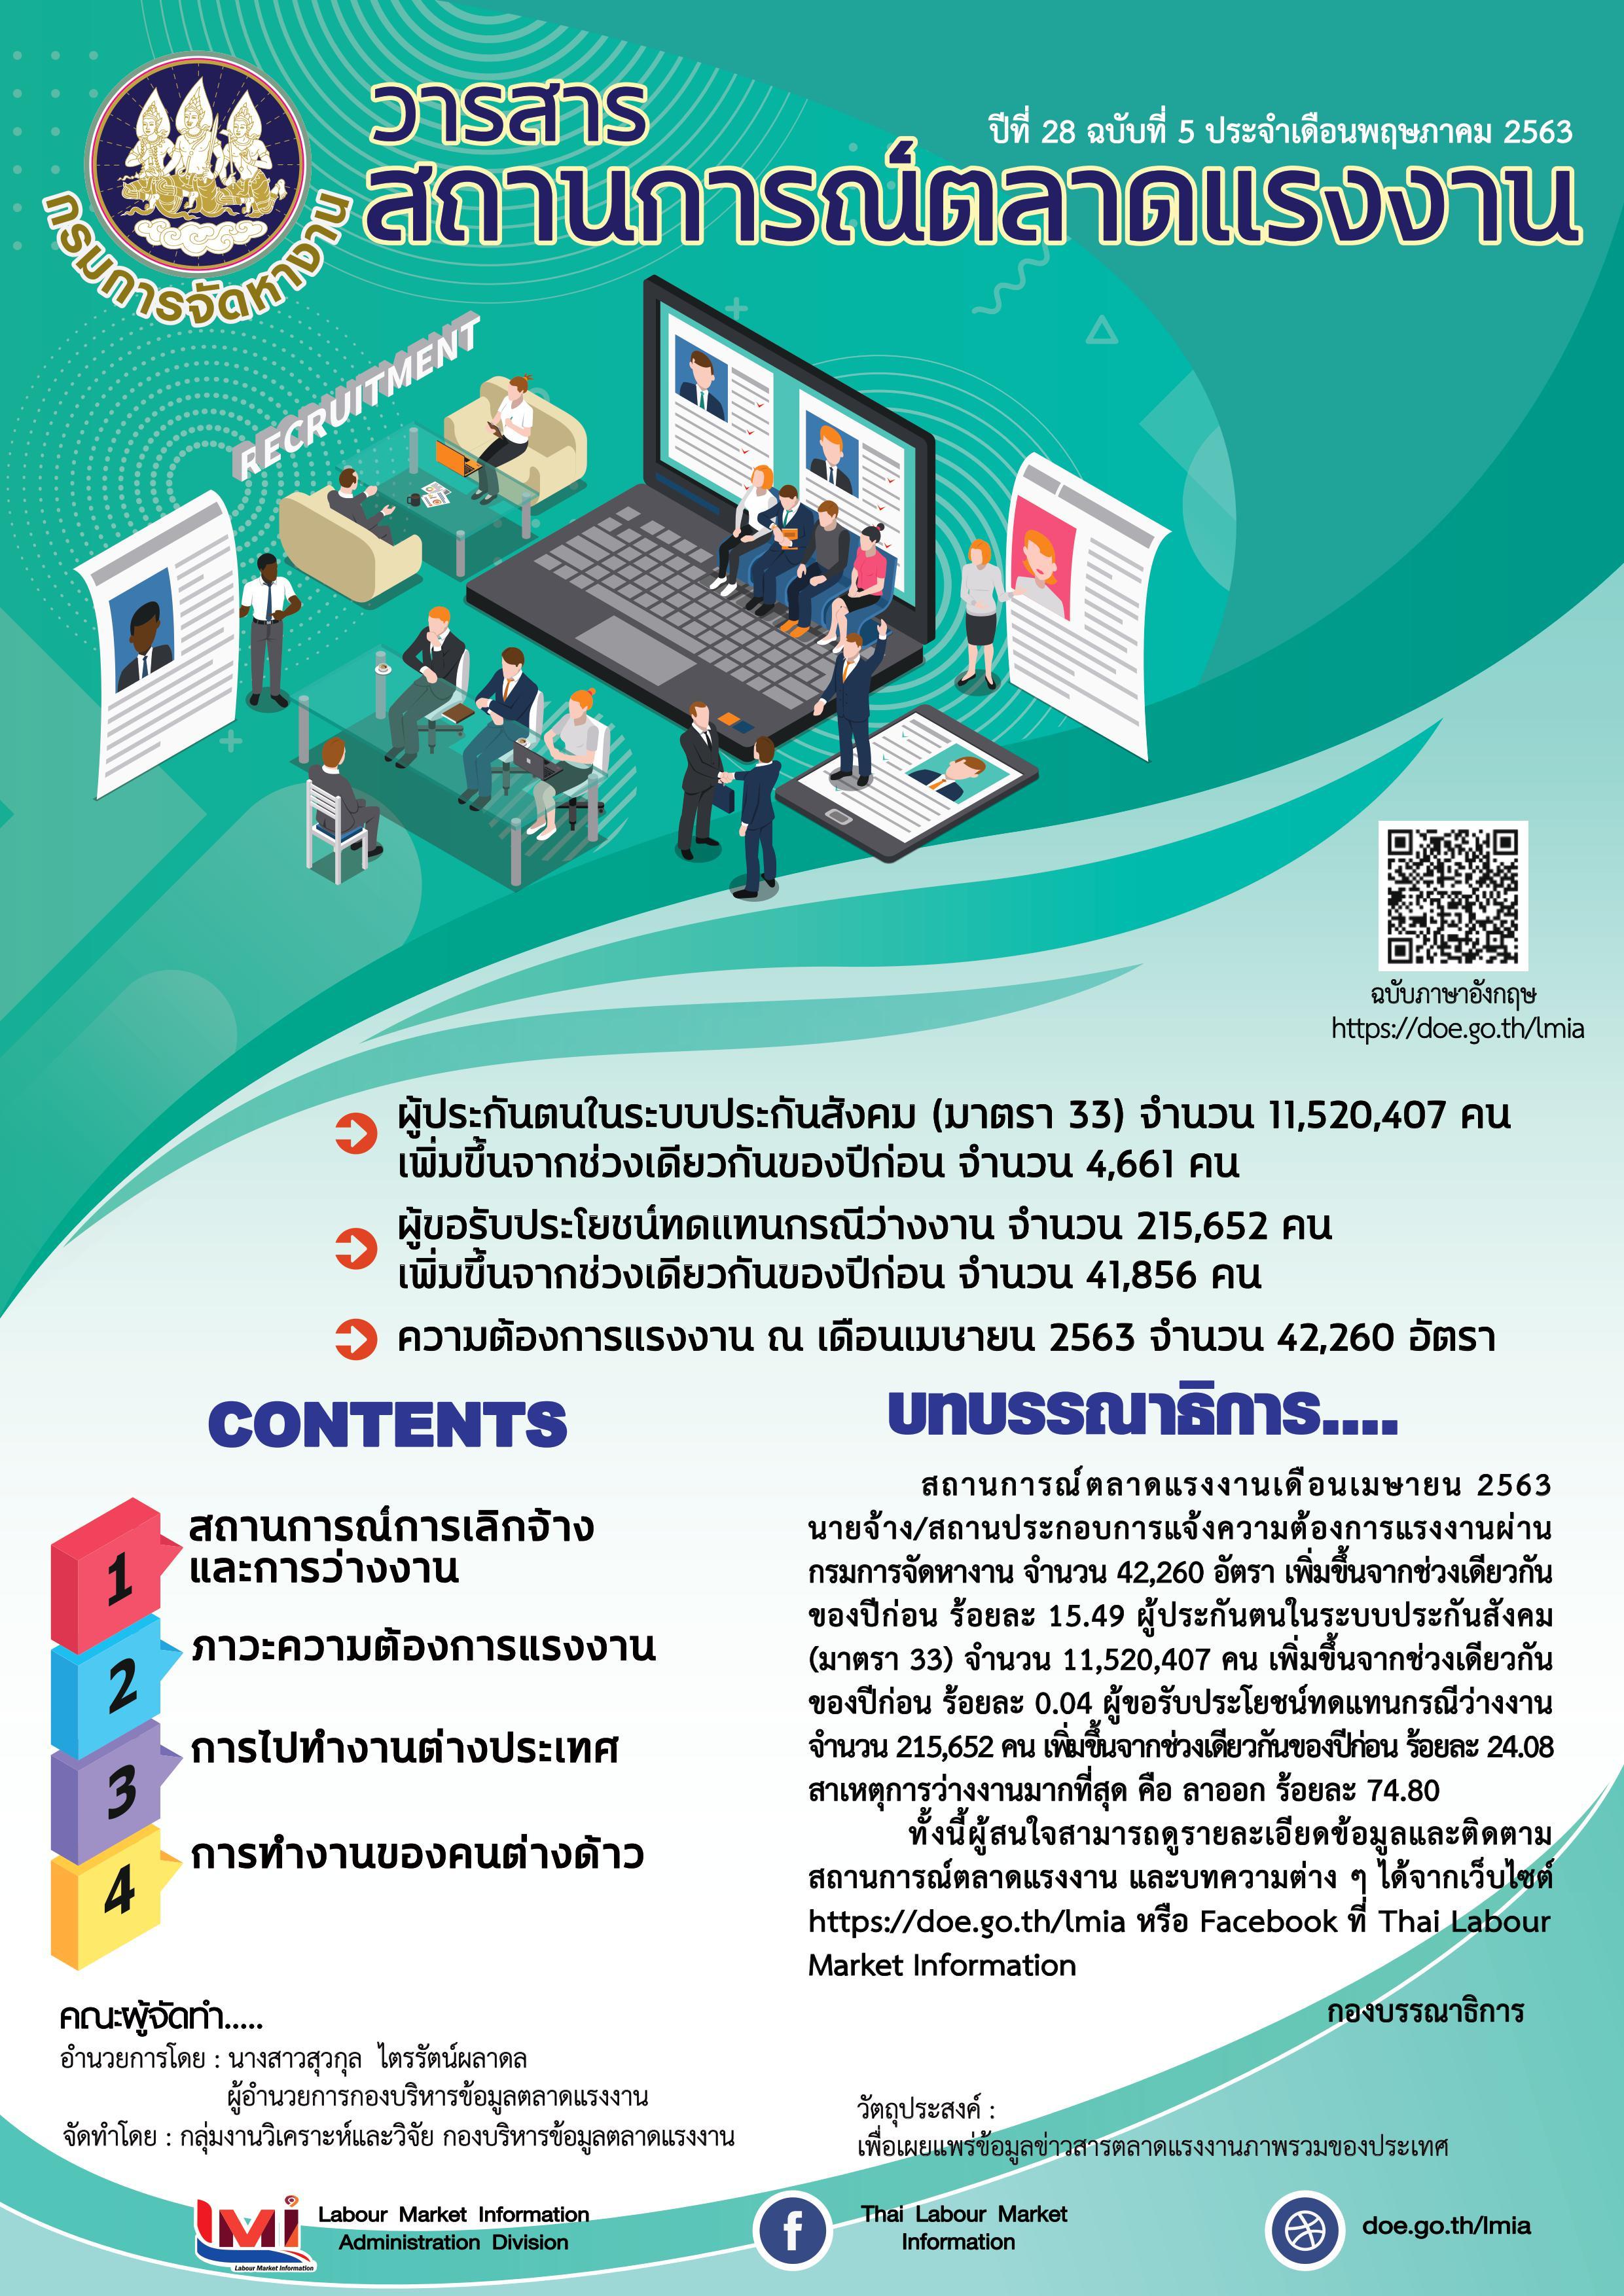 วารสารสถานการณ์ตลาดแรงงานประจำเดือนพฤษภาคม 2563